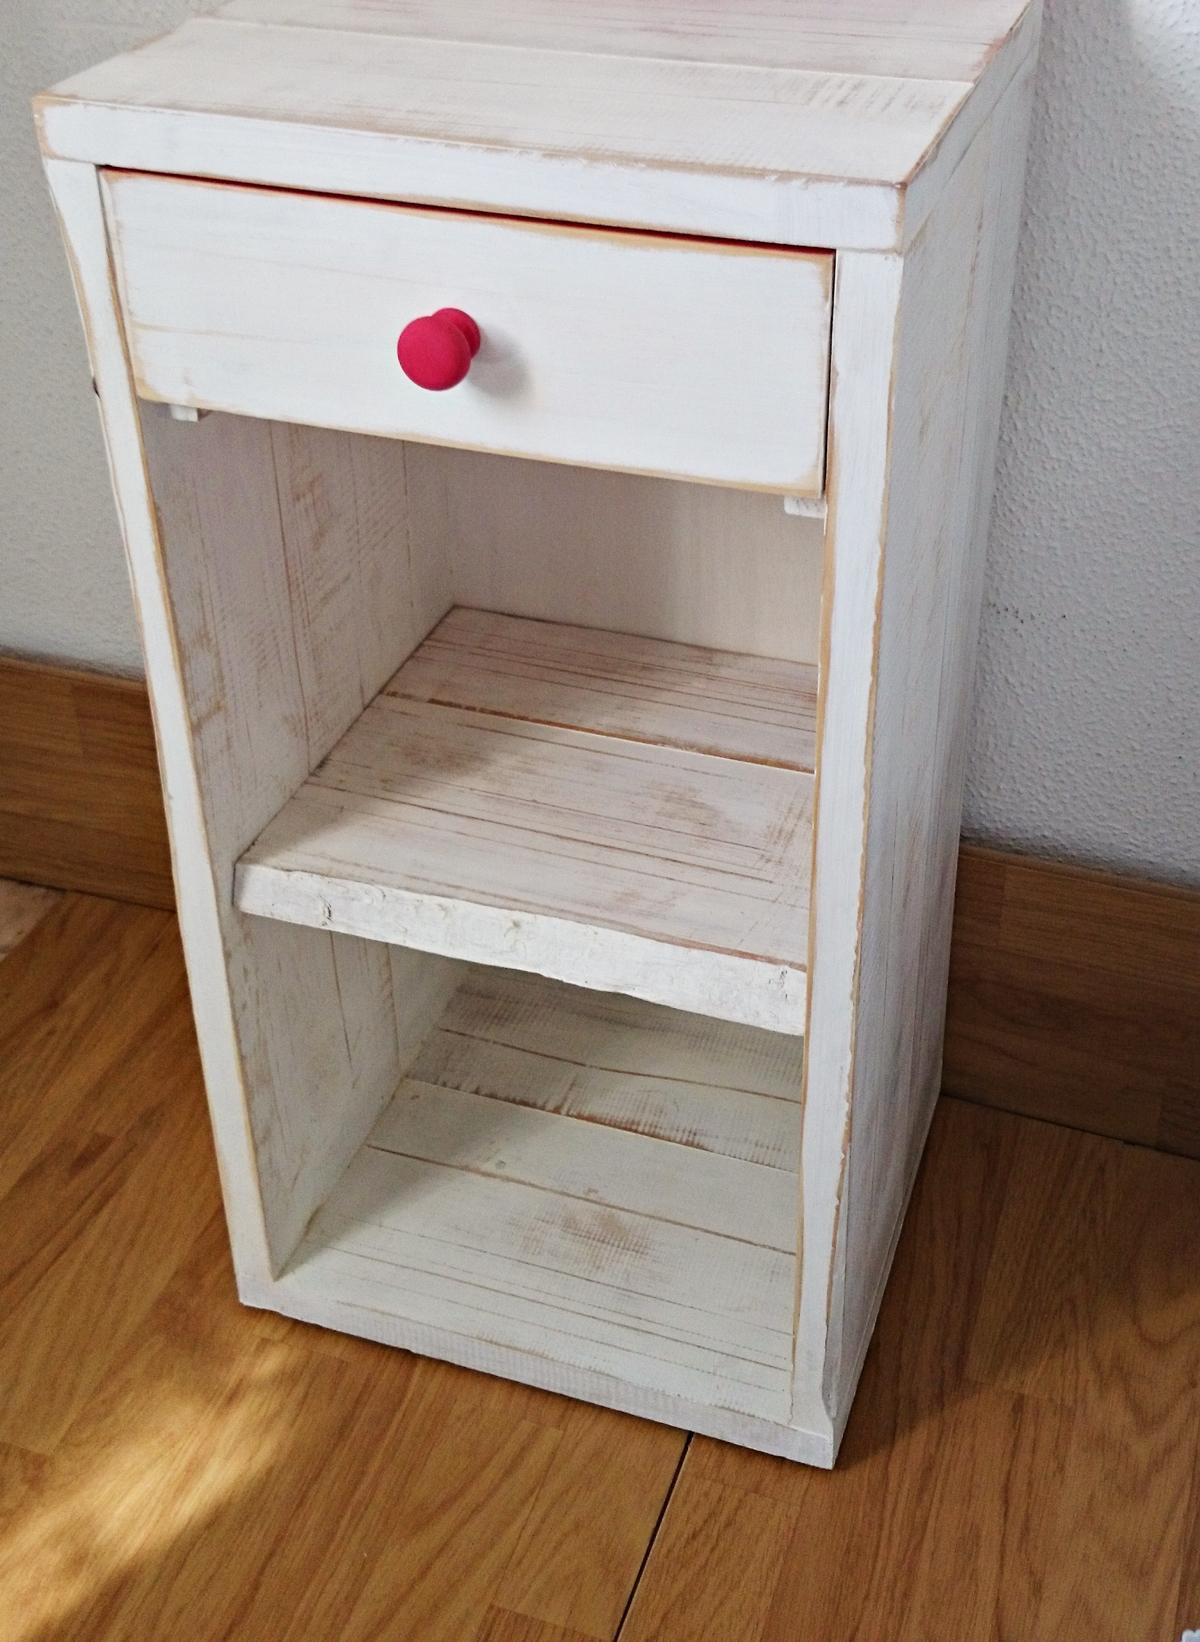 Mesita noche kyoto tienda online de decoraci n y muebles - Mesita de noche segunda mano ...